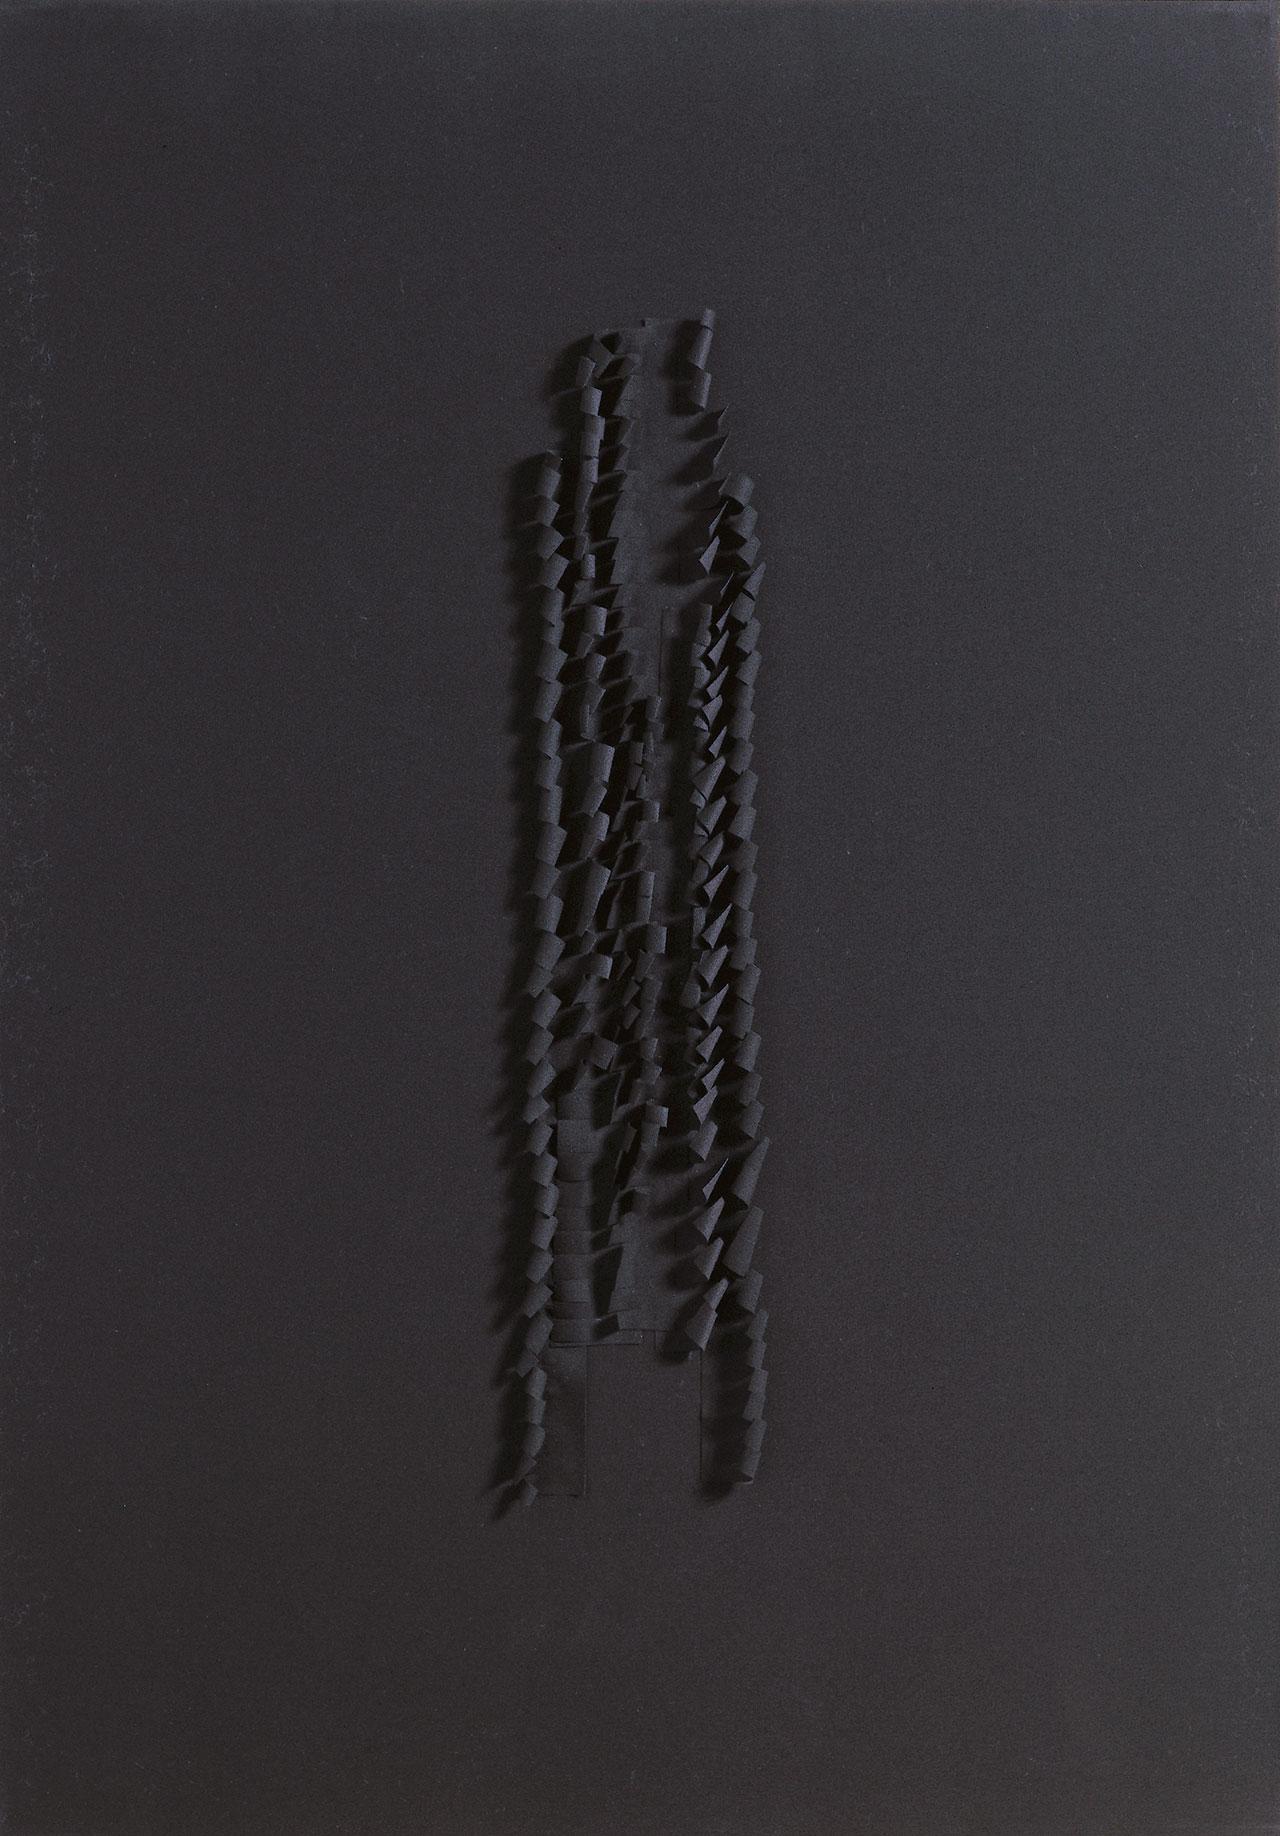 朱為白 唯我-黑 綿 84✕59x3.5cm